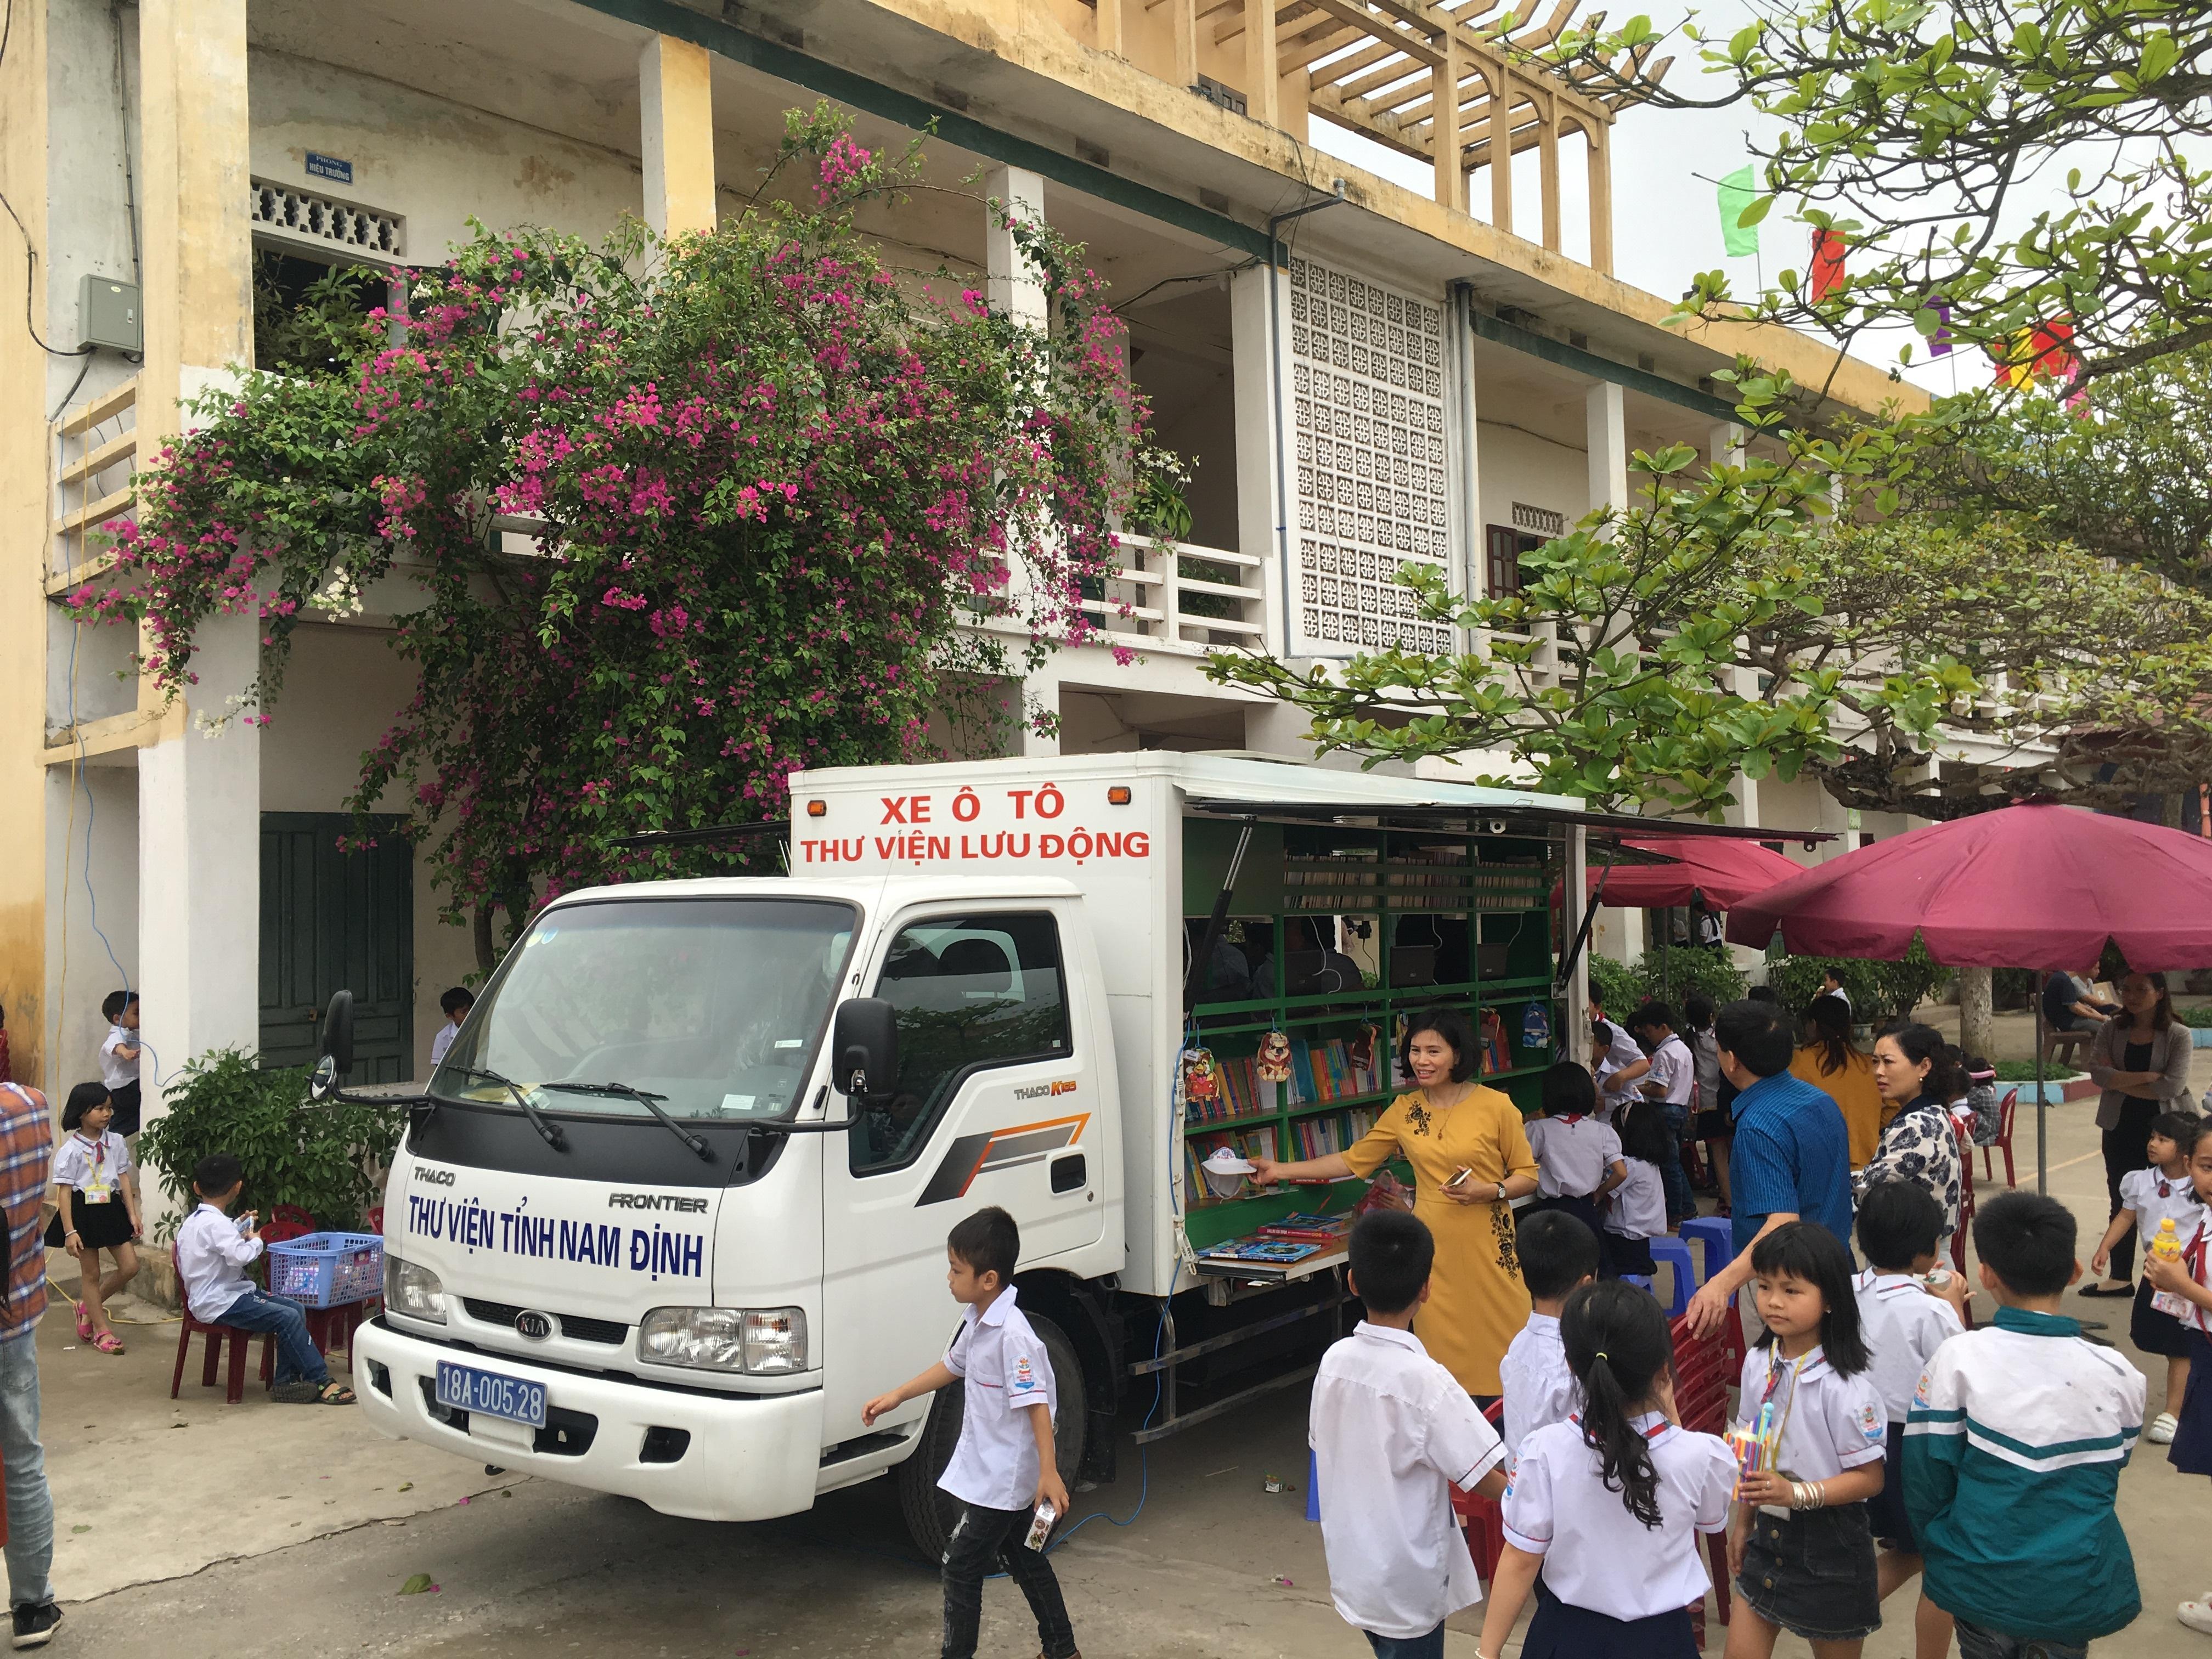 Xe Thư viện Lưu động của Thư viện tỉnh Nam Định phục vụ học sinh tại Ngày hội STEM và Hội thi Toán đầu Xuân 2019 của trường Tiểu học Nam Đào (huyện Nam Trực, Nam Định).